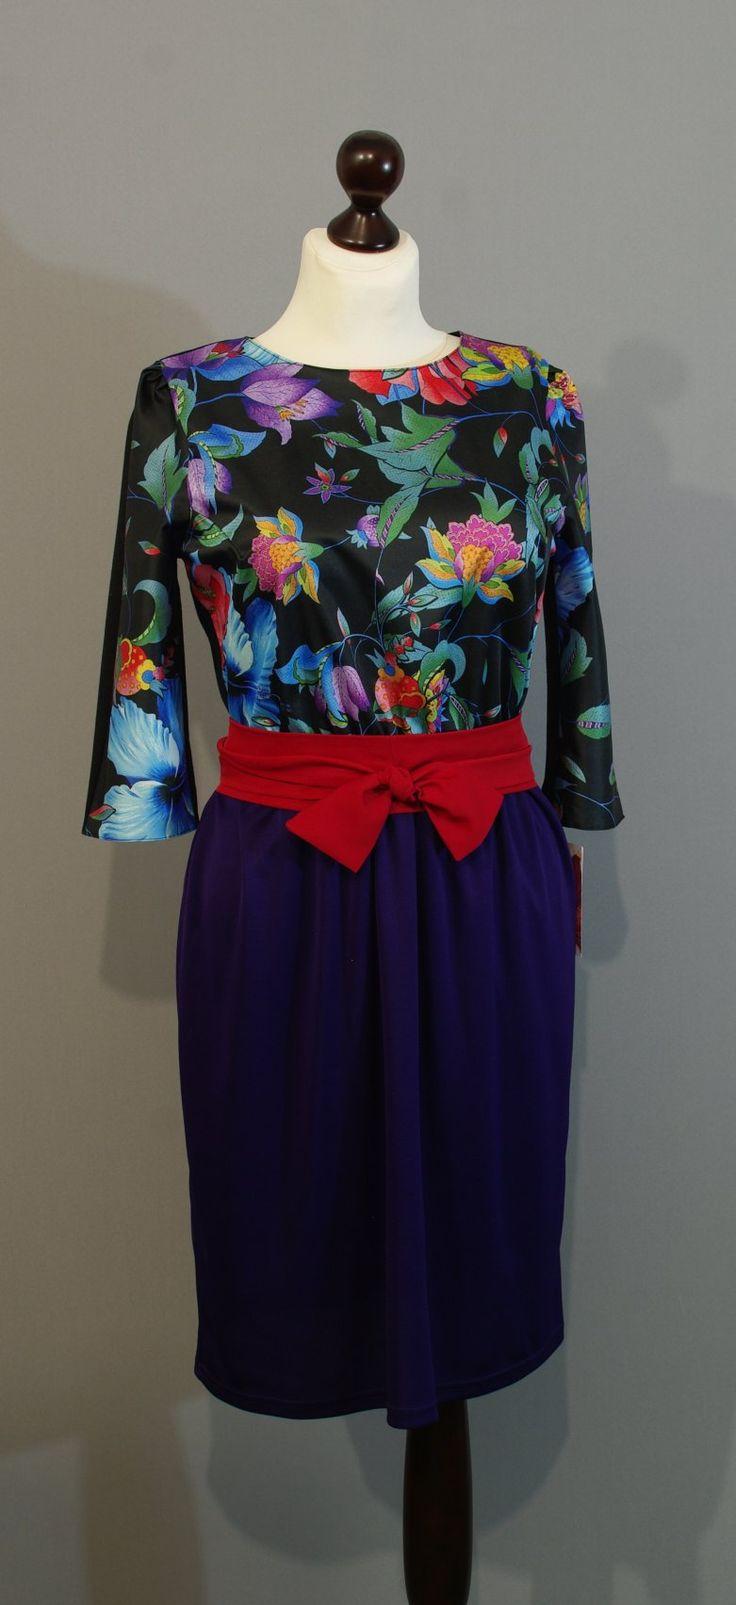 Фиолетовое платье-тюльпан от дизайнера Юлии, Платье-терапия Киев lucky-gift (153)